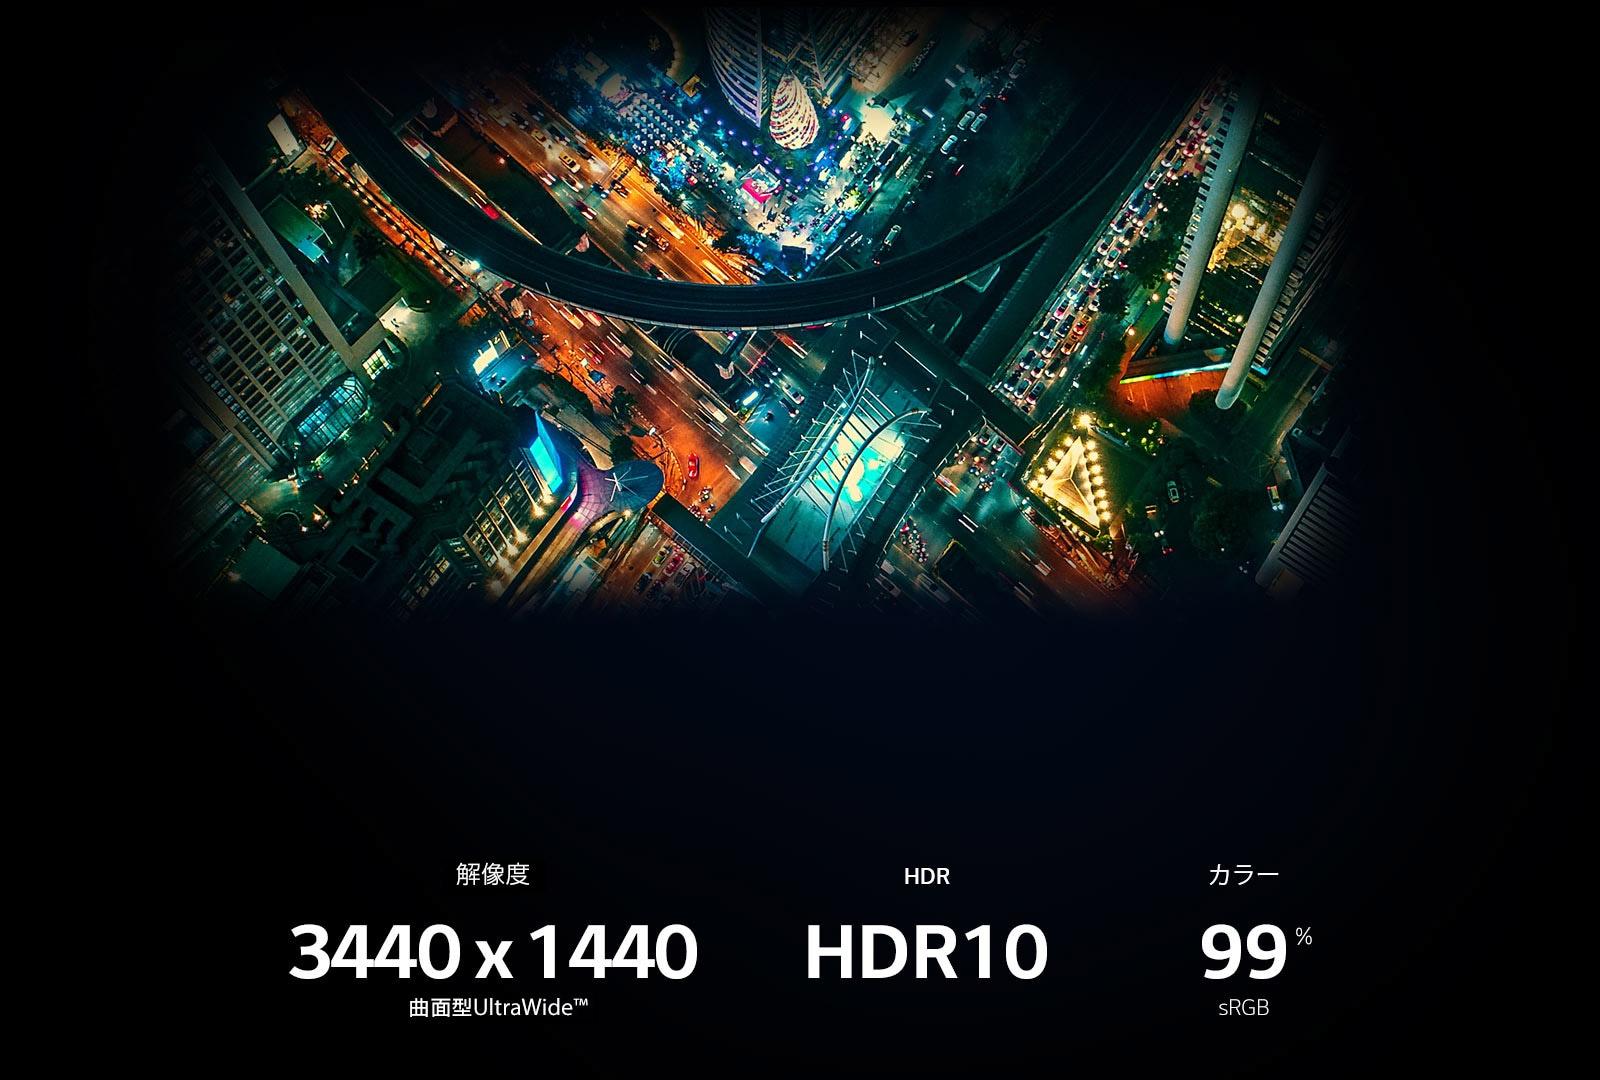 MNT-34WL85C-01-2-Curved-UltraWide-BG-Desktop